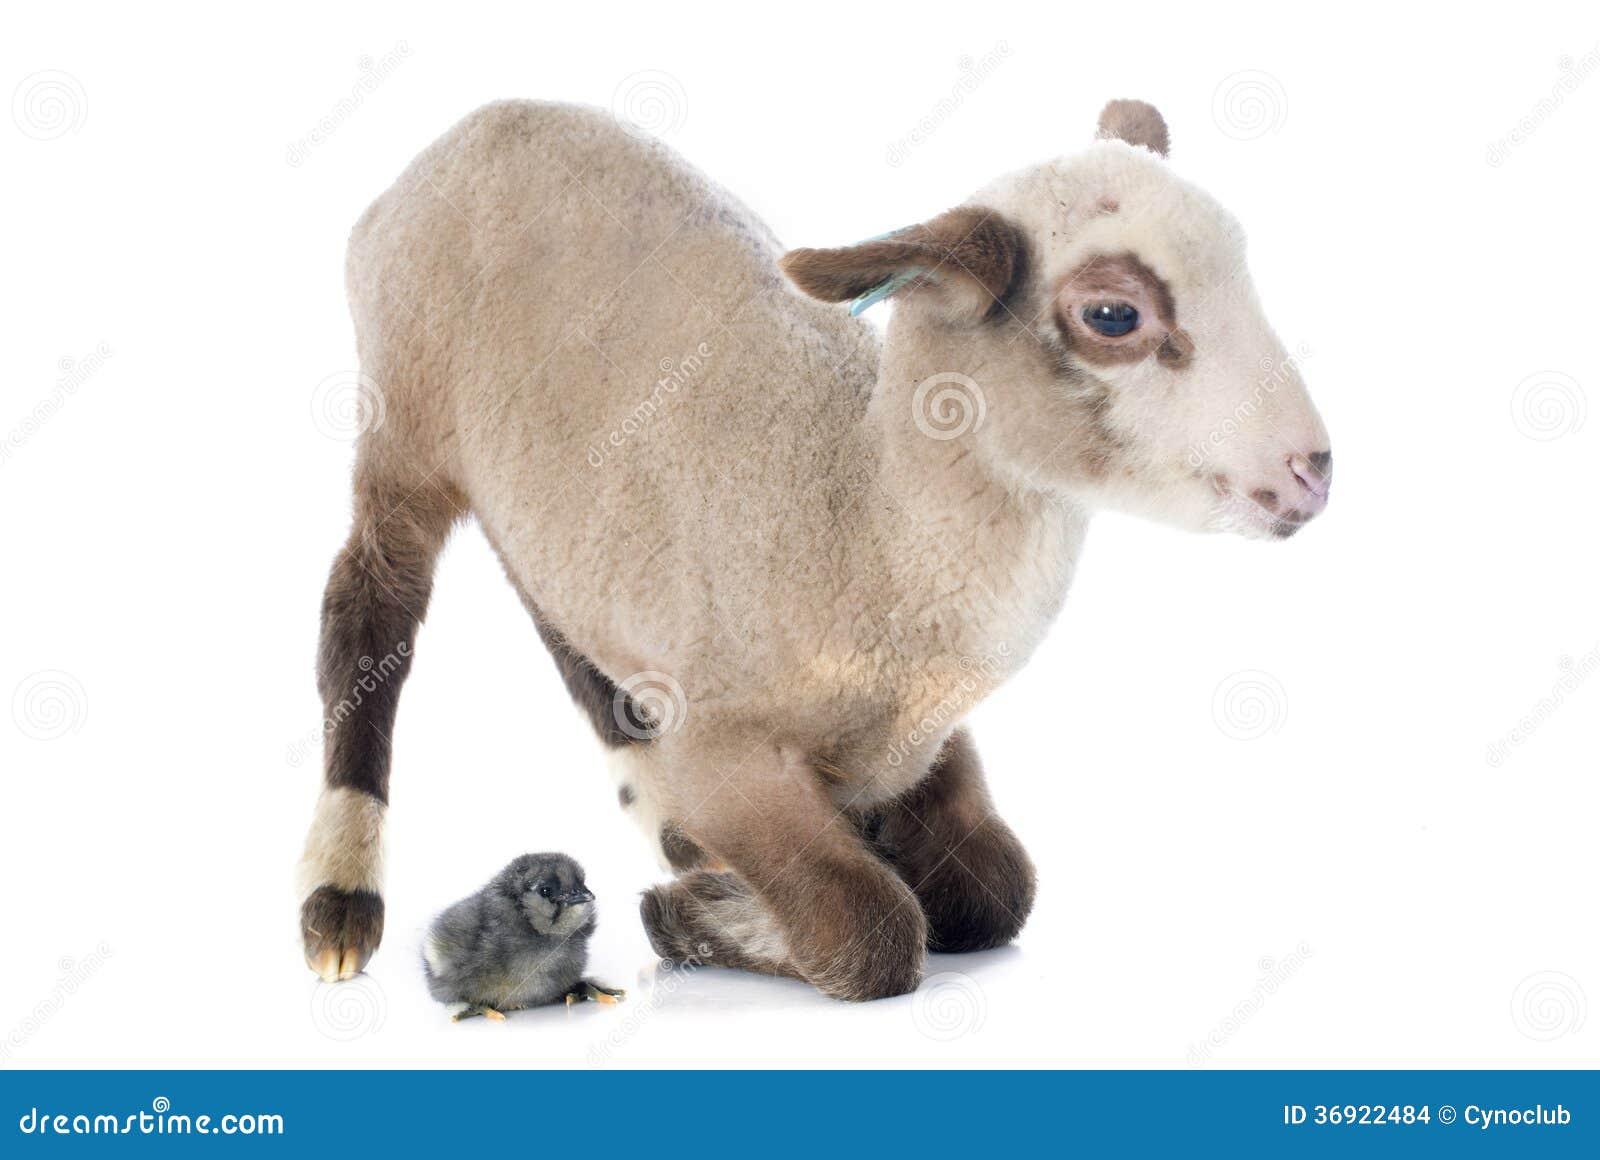 Jong lam en kuiken